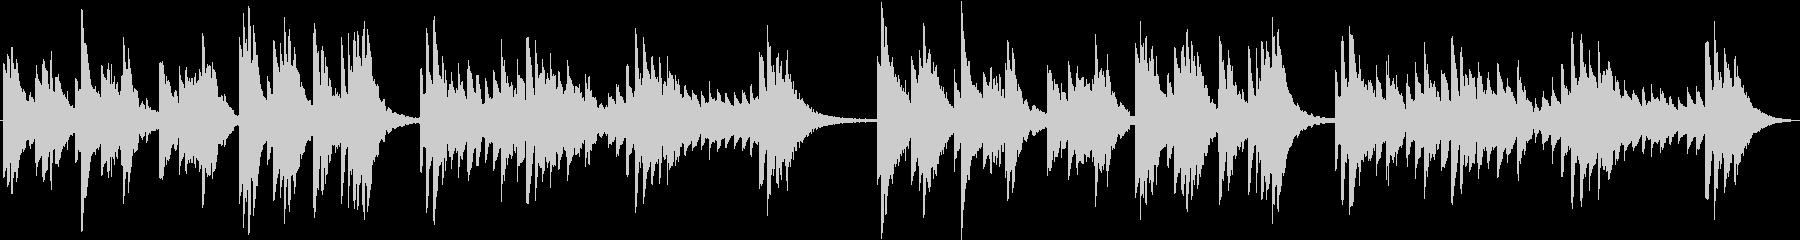 ミュージカルジュエリーボックス:ロ...の未再生の波形